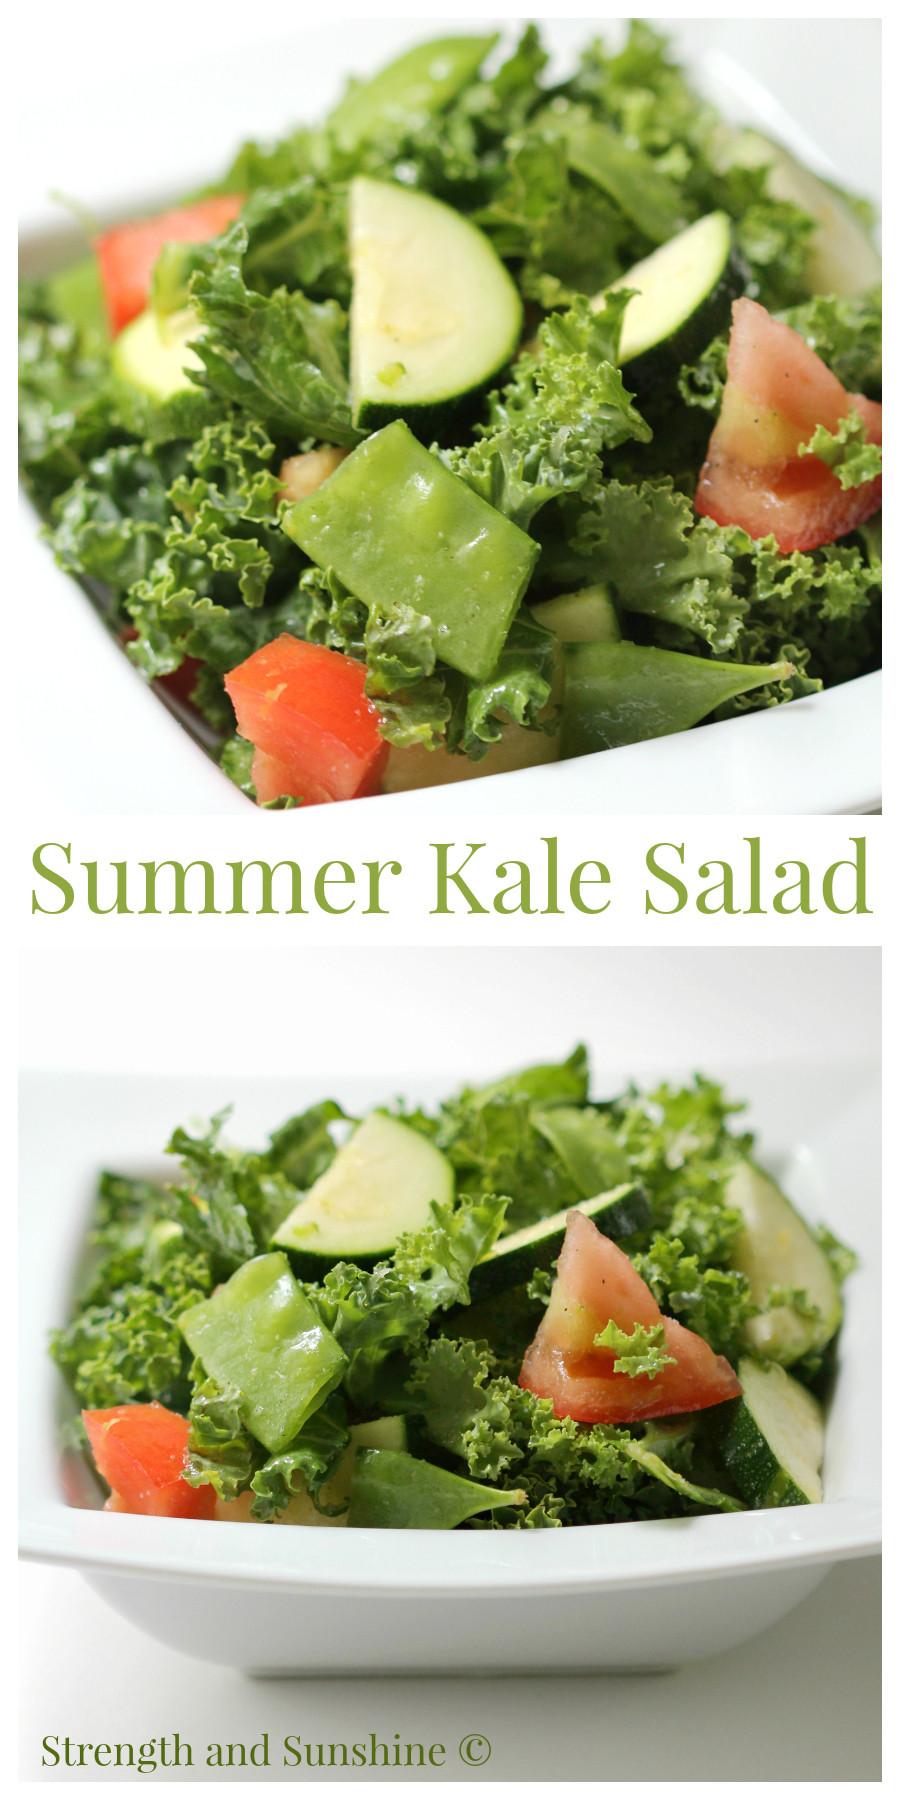 Summer Kale Salad Recipes  Summer Kale Salad